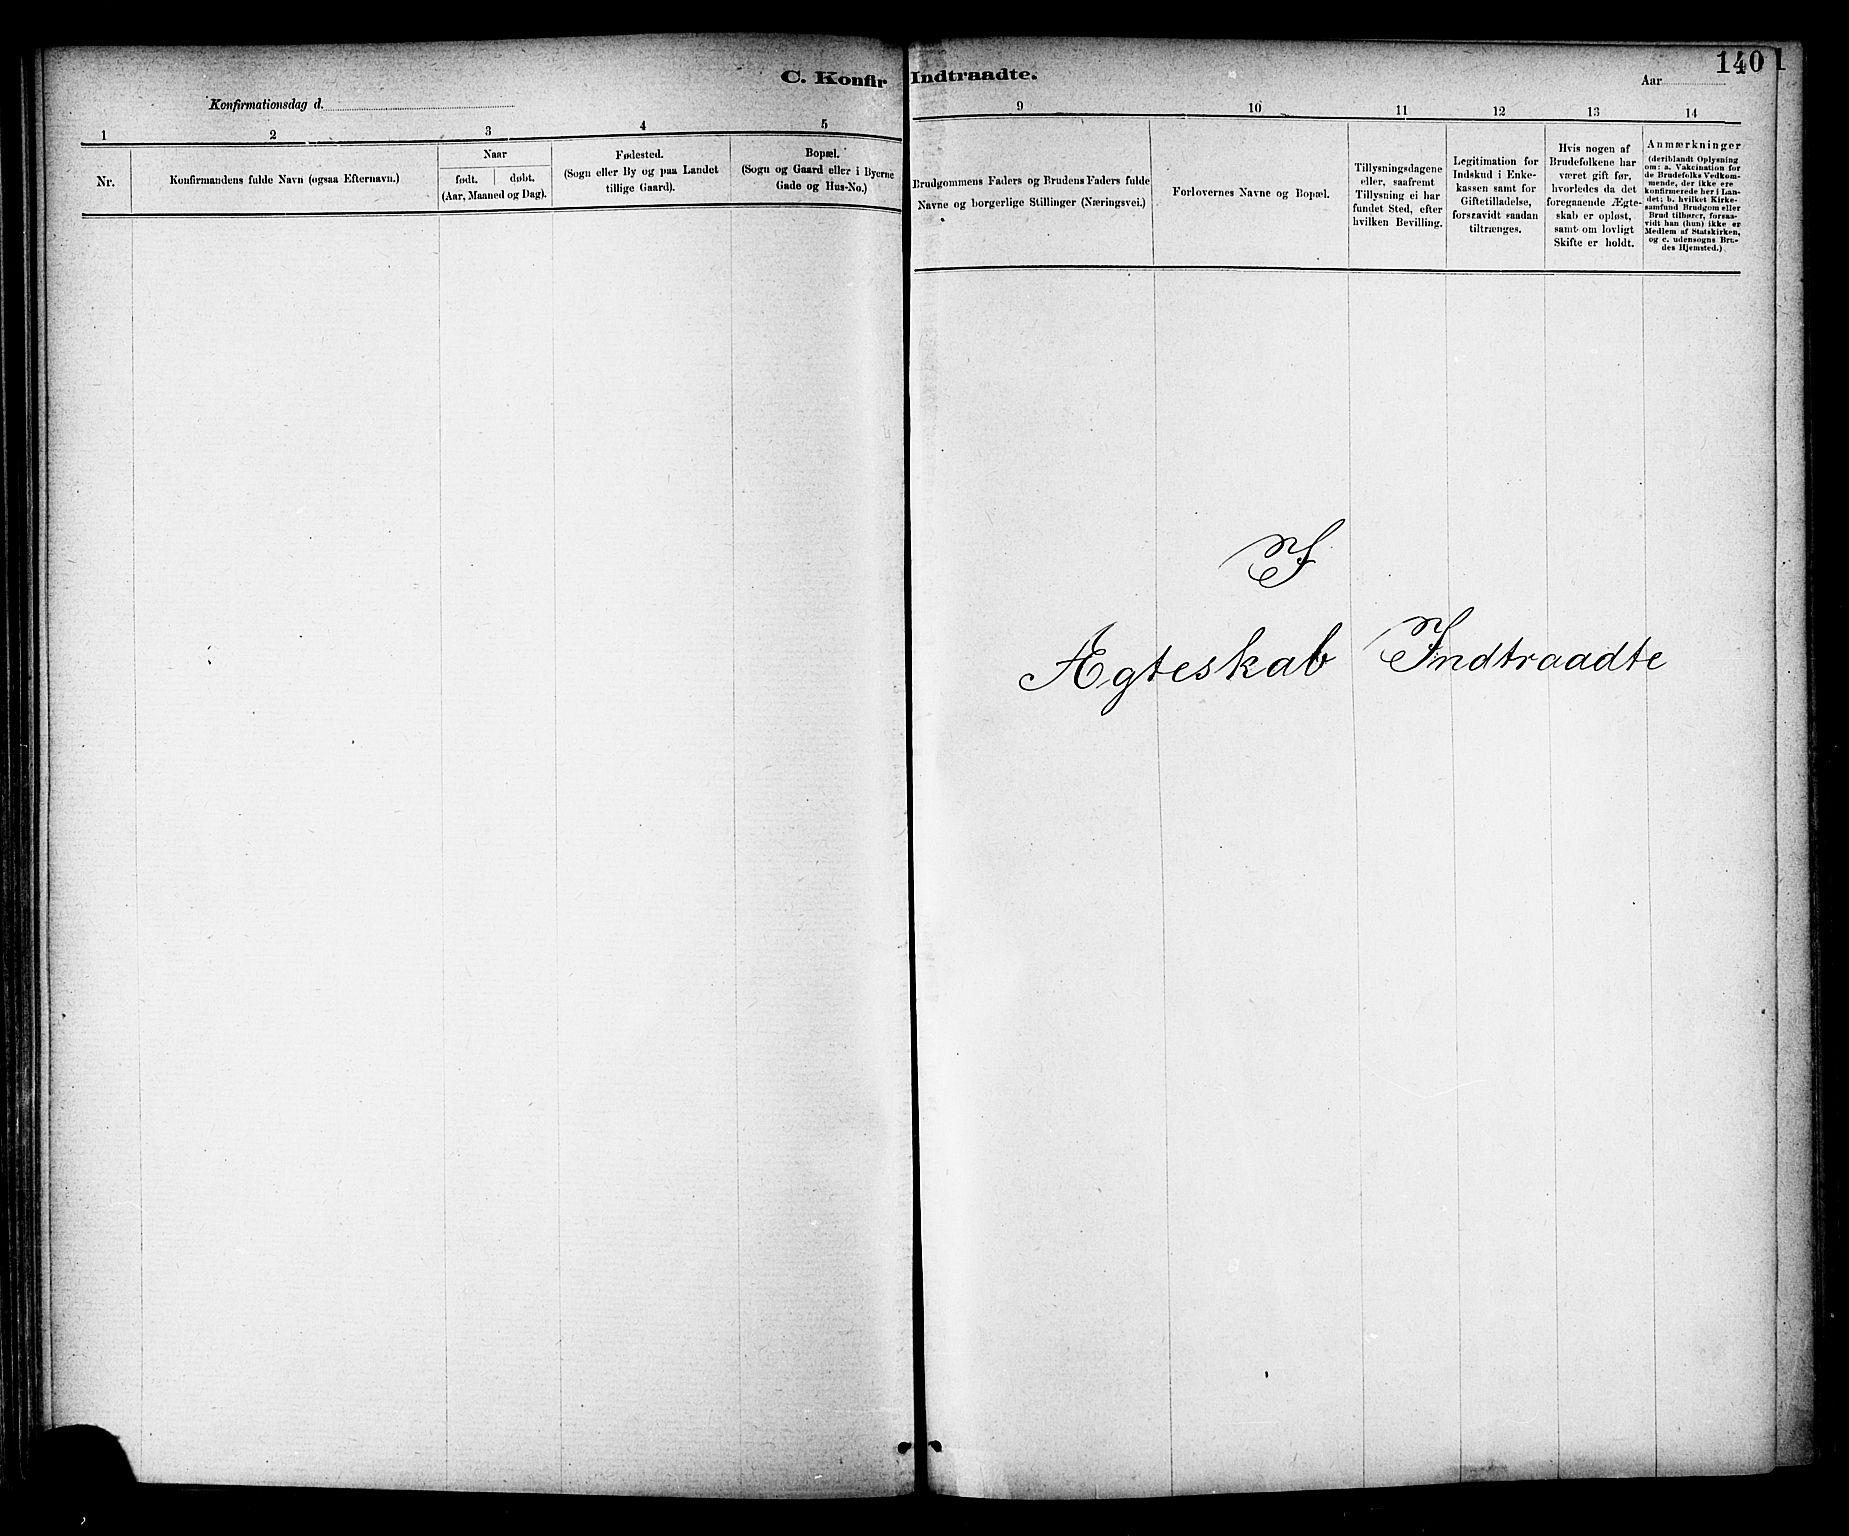 SAT, Ministerialprotokoller, klokkerbøker og fødselsregistre - Nord-Trøndelag, 703/L0030: Parish register (official) no. 703A03, 1880-1892, p. 140